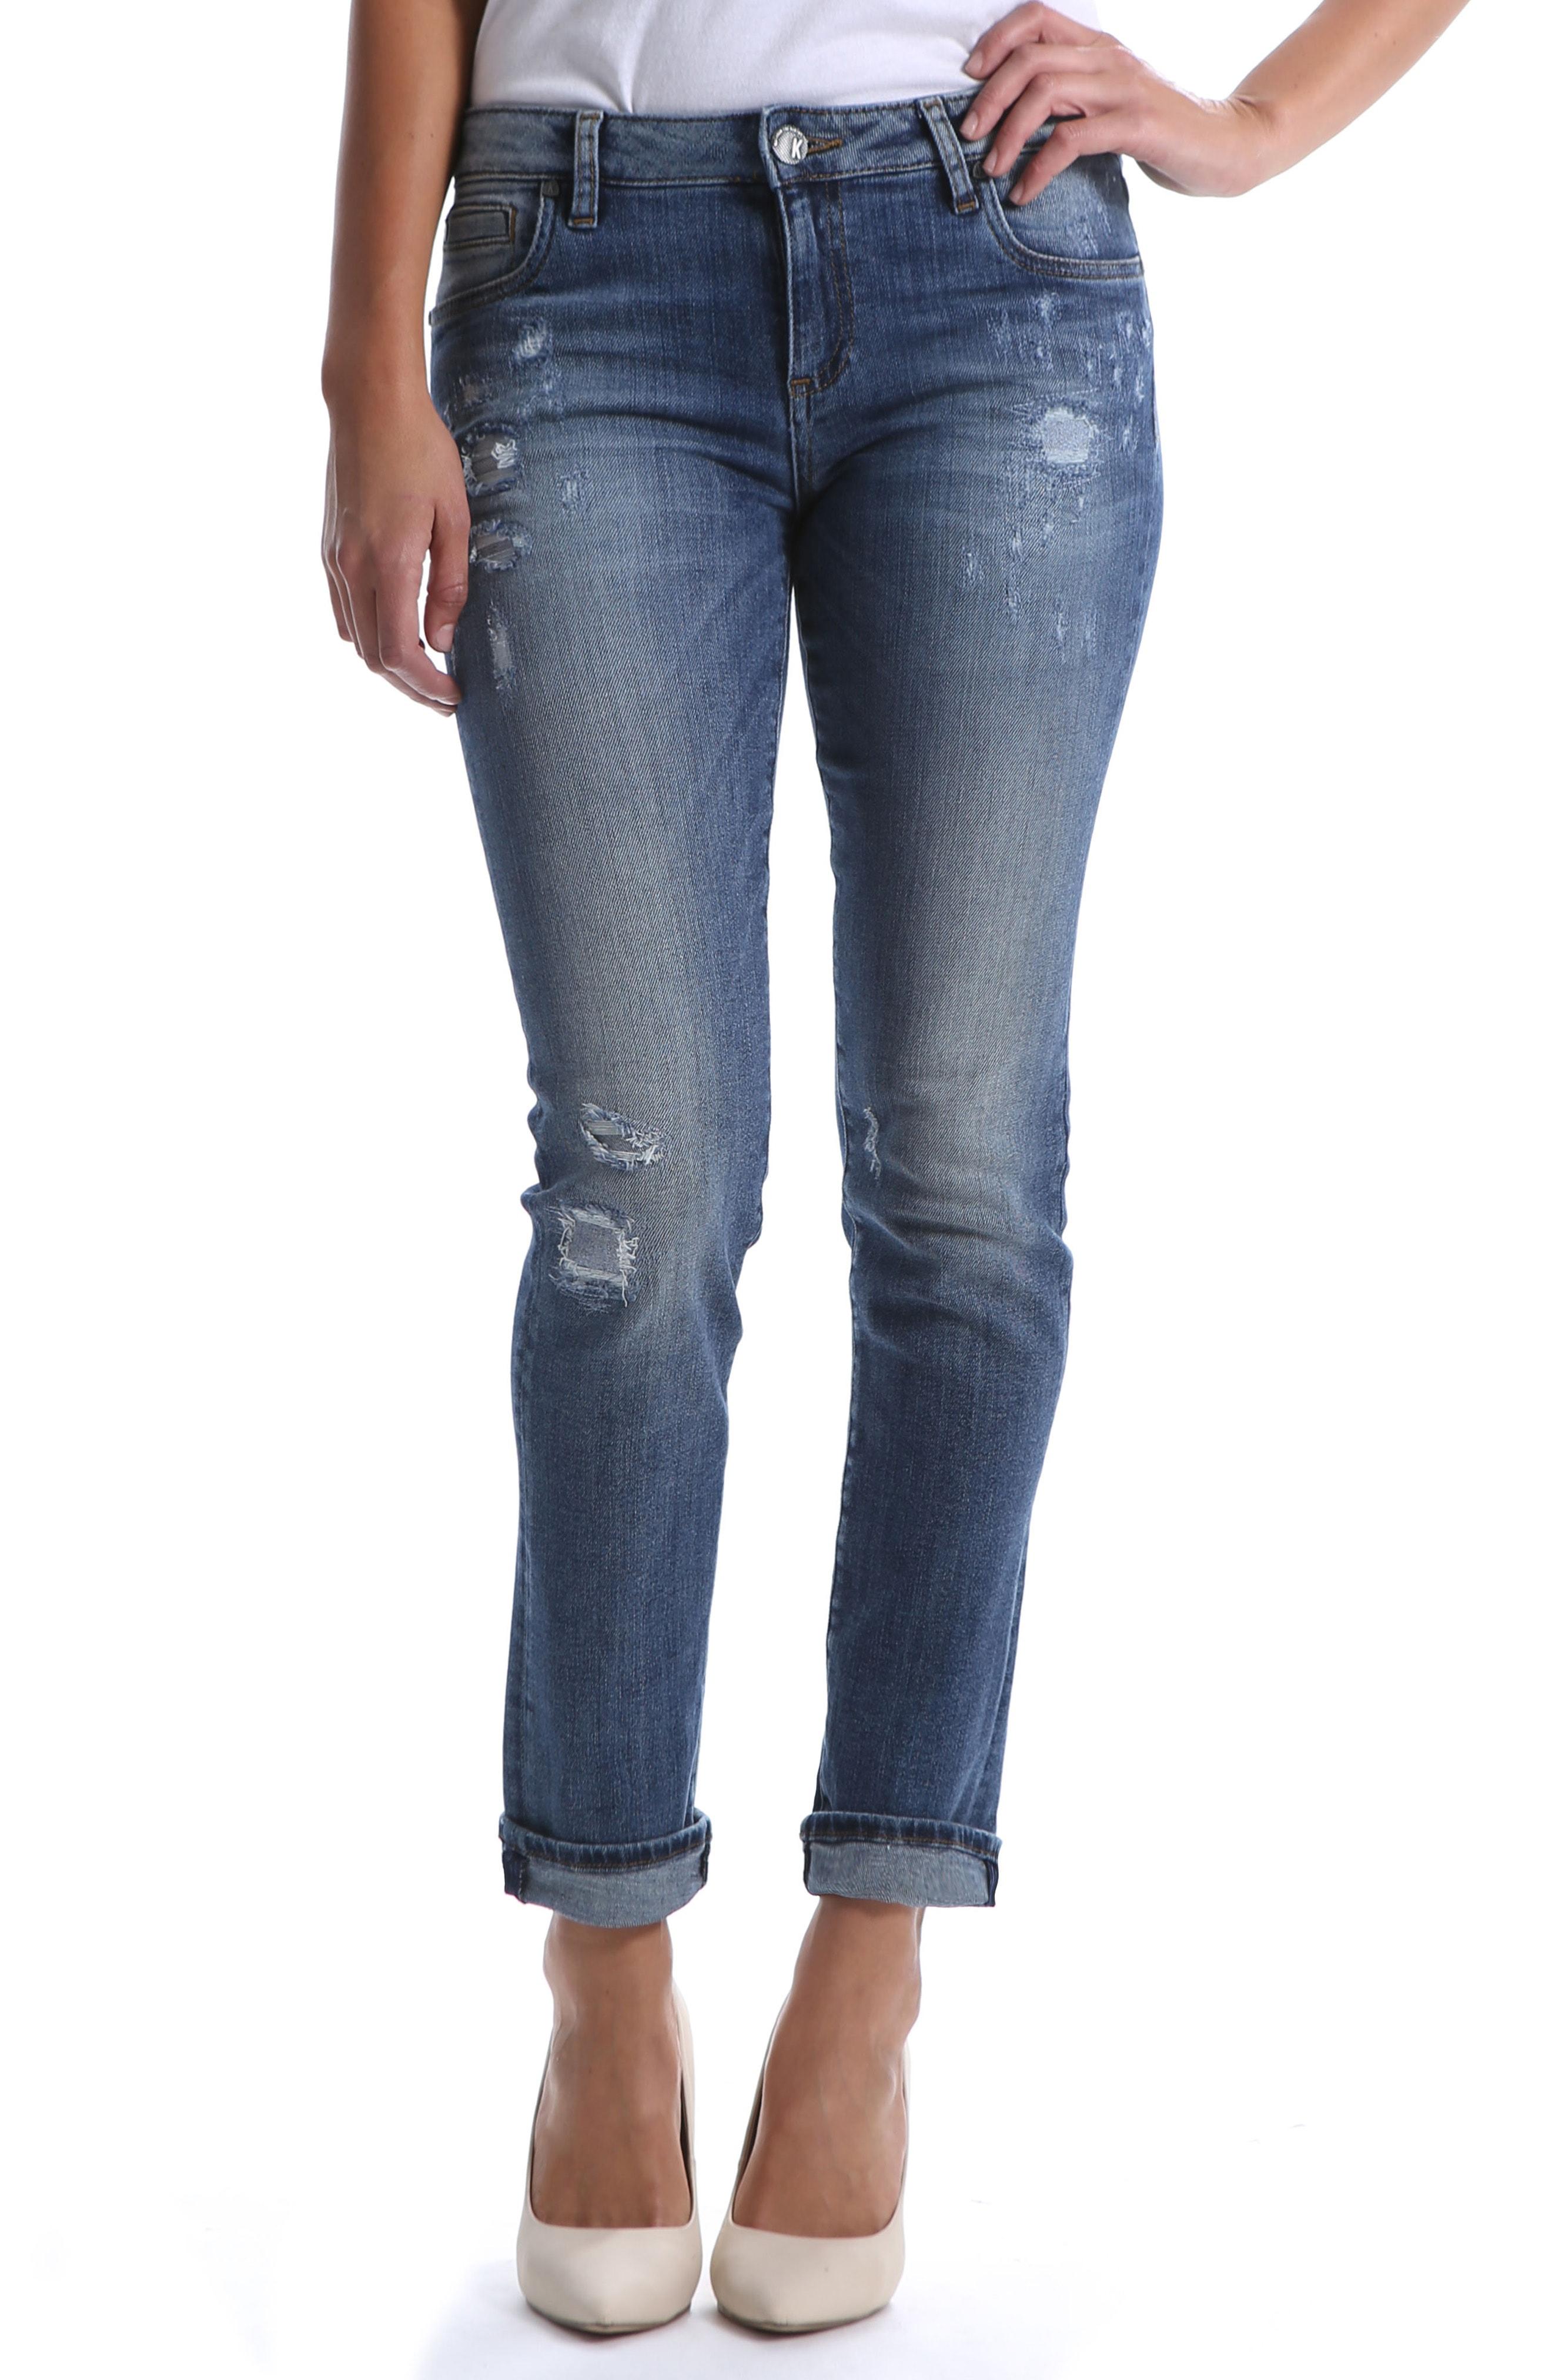 Kut from the Kloth Catherine Boyfriend Jeans (Hearten)